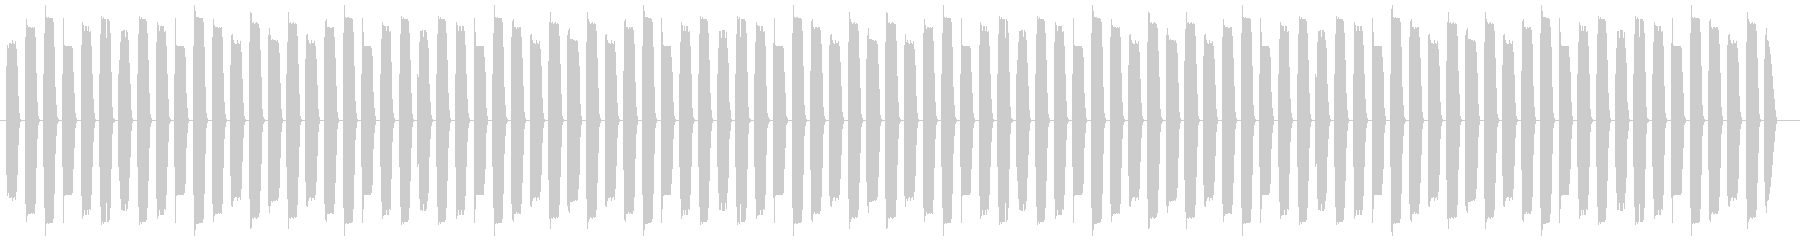 フィーバー音  遊技機、無敵などの未再生の波形